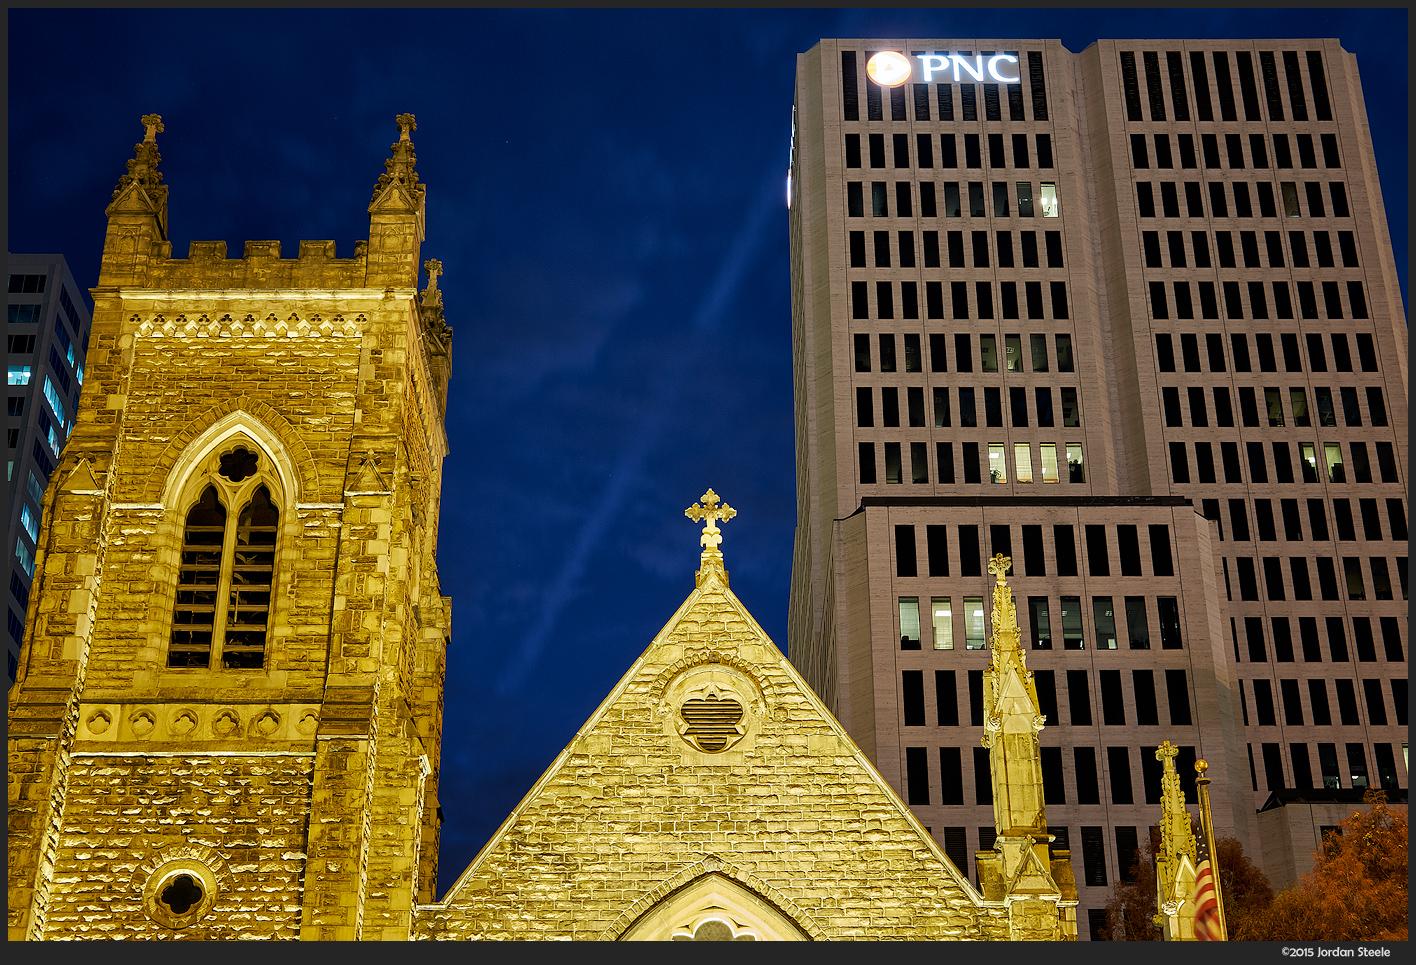 Trinity Church - Fujifilm X-T1 with Fujinon XF 35mm f/2 R WR @ f/8